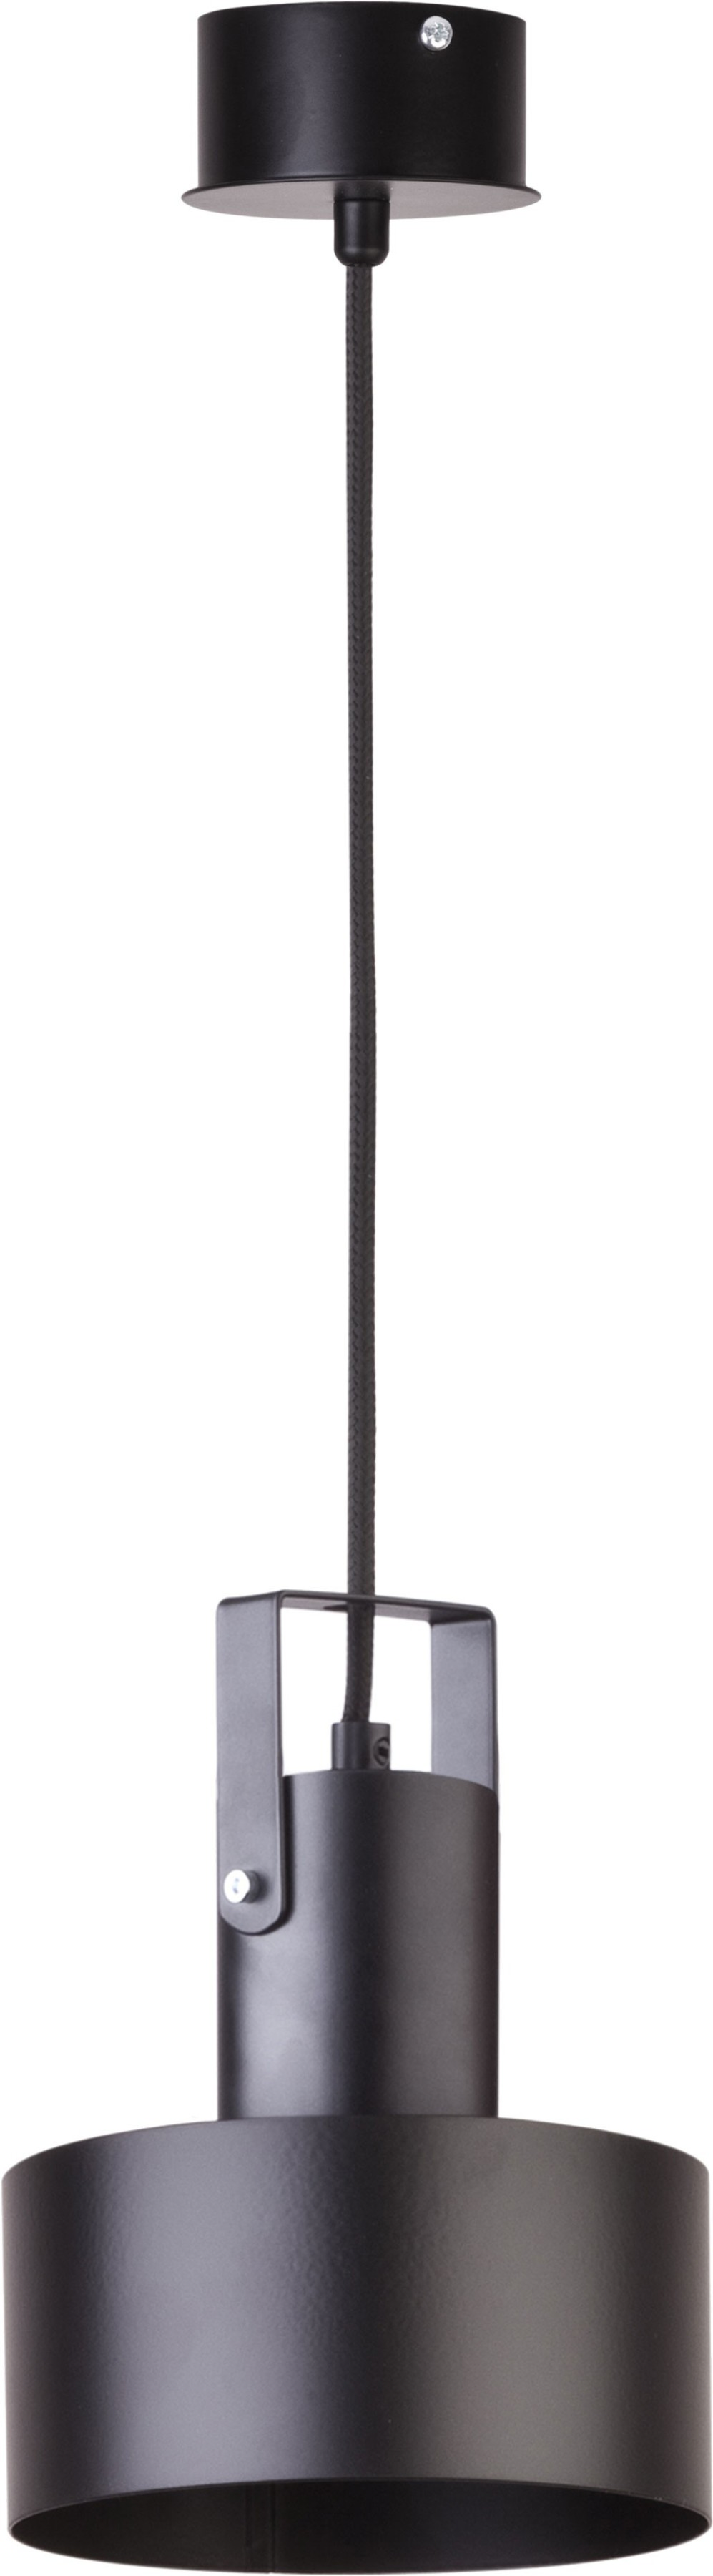 Lampa wisząca Rif plus 1 S czarna 31192 - Sigma // Rabaty w koszyku i darmowa dostawa od 299zł !